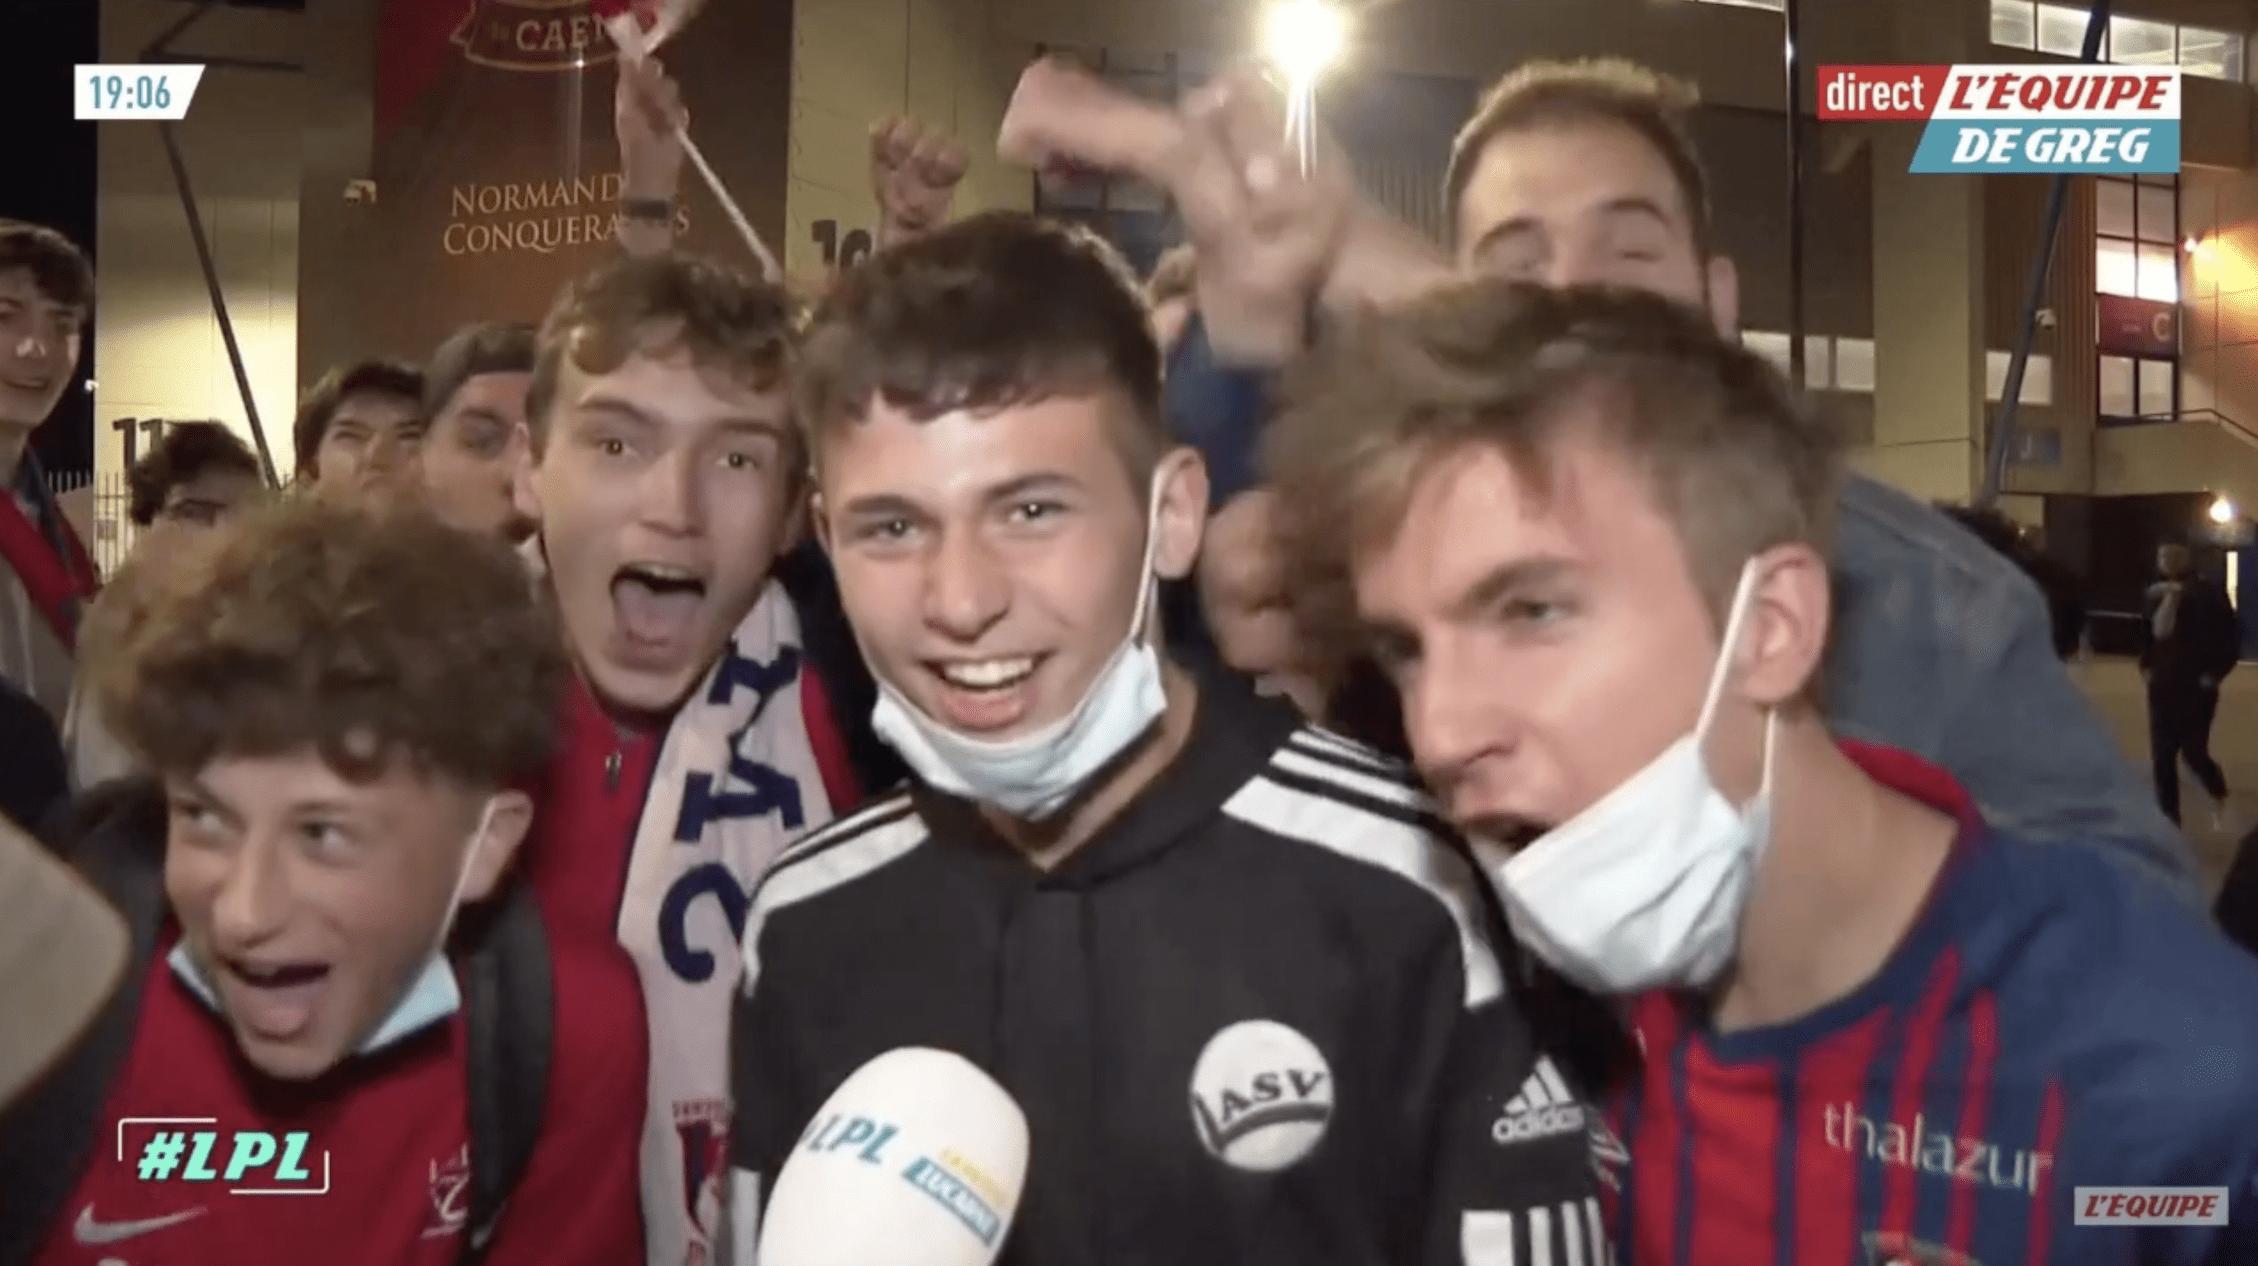 [Vidéo] Quand L'Equipe interview les supporters caennais à la sortie du stade